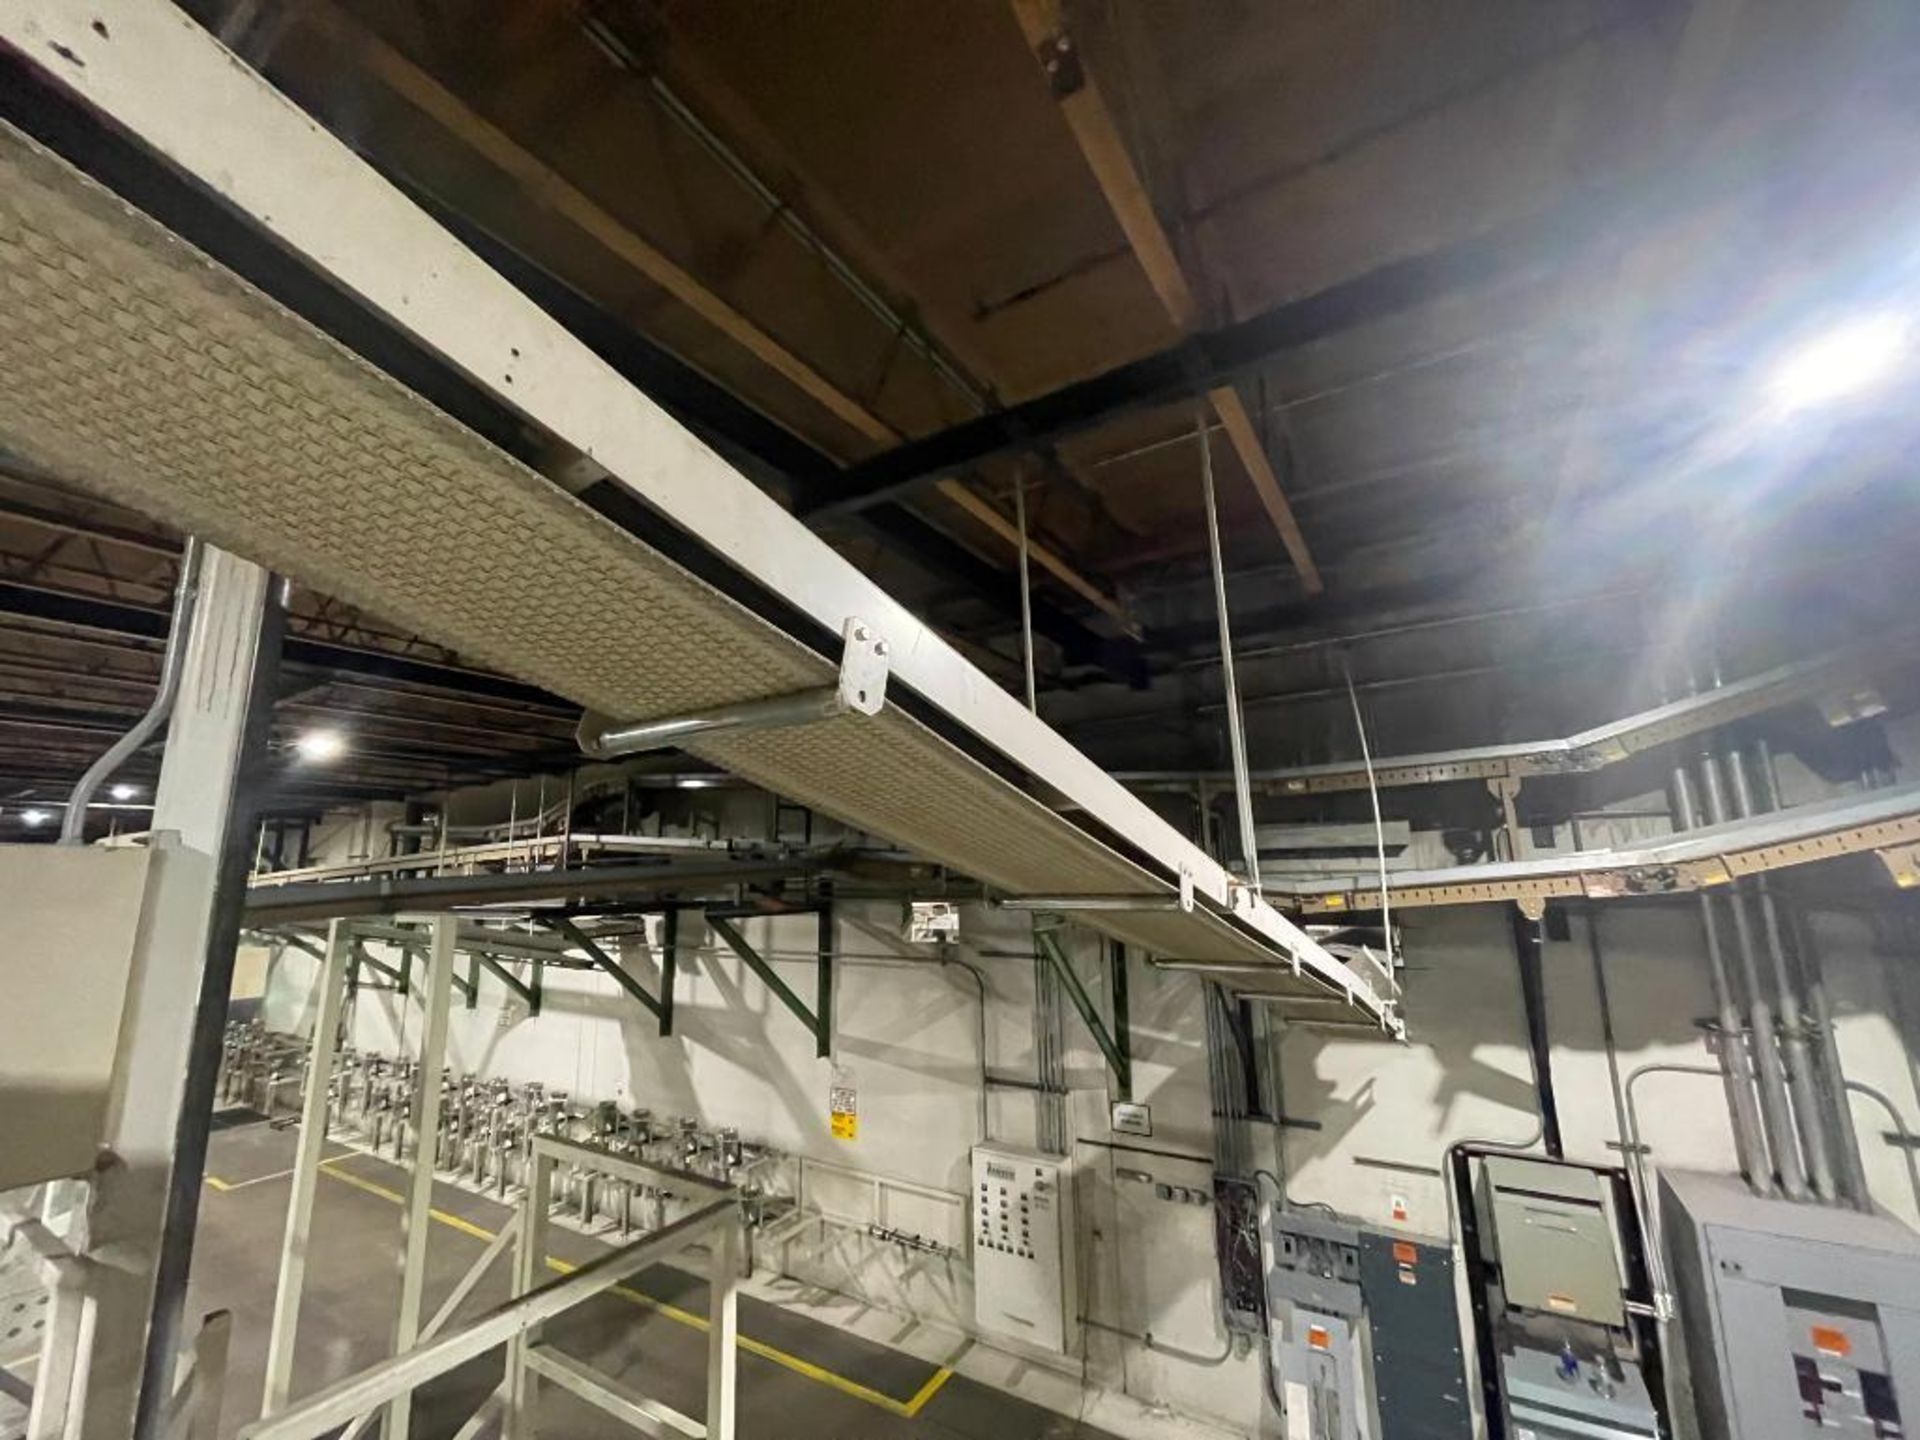 mild steel overhead belt conveyor - Image 10 of 12